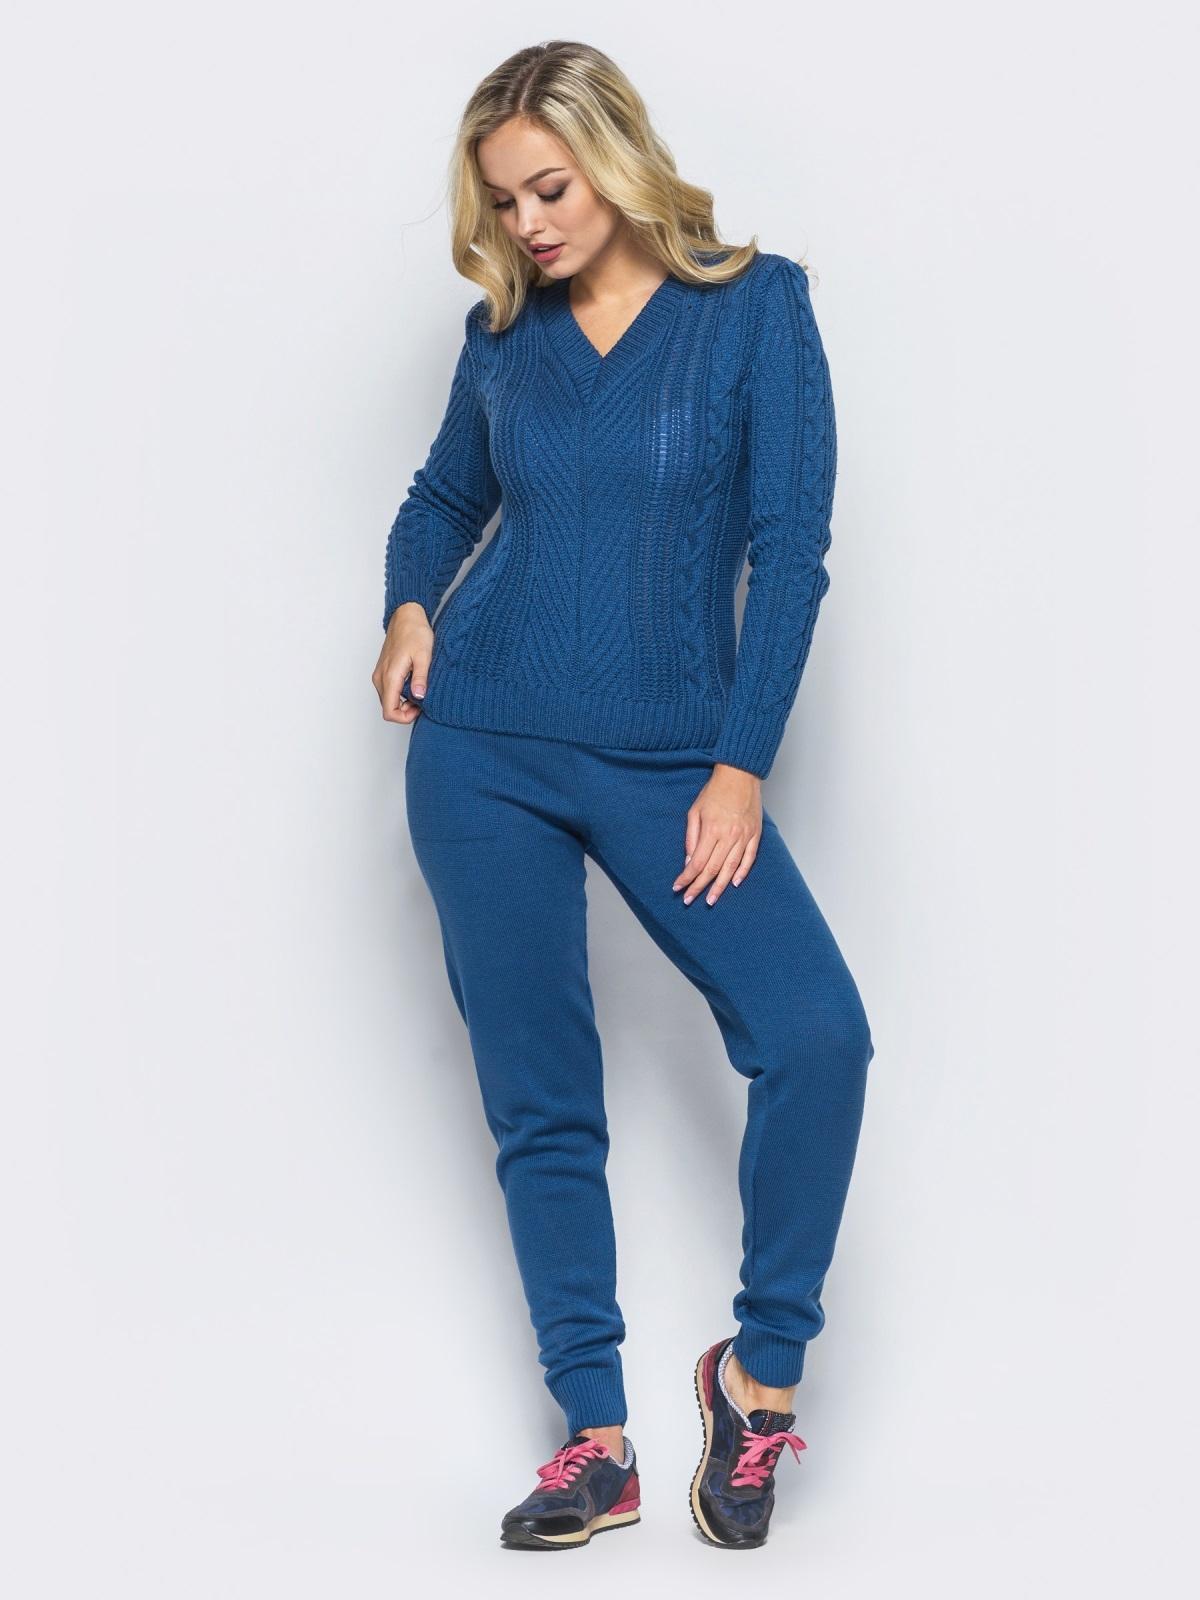 Синий комплект с v-образной  горловиной на свитере - 16084, фото 2 – интернет-магазин Dressa